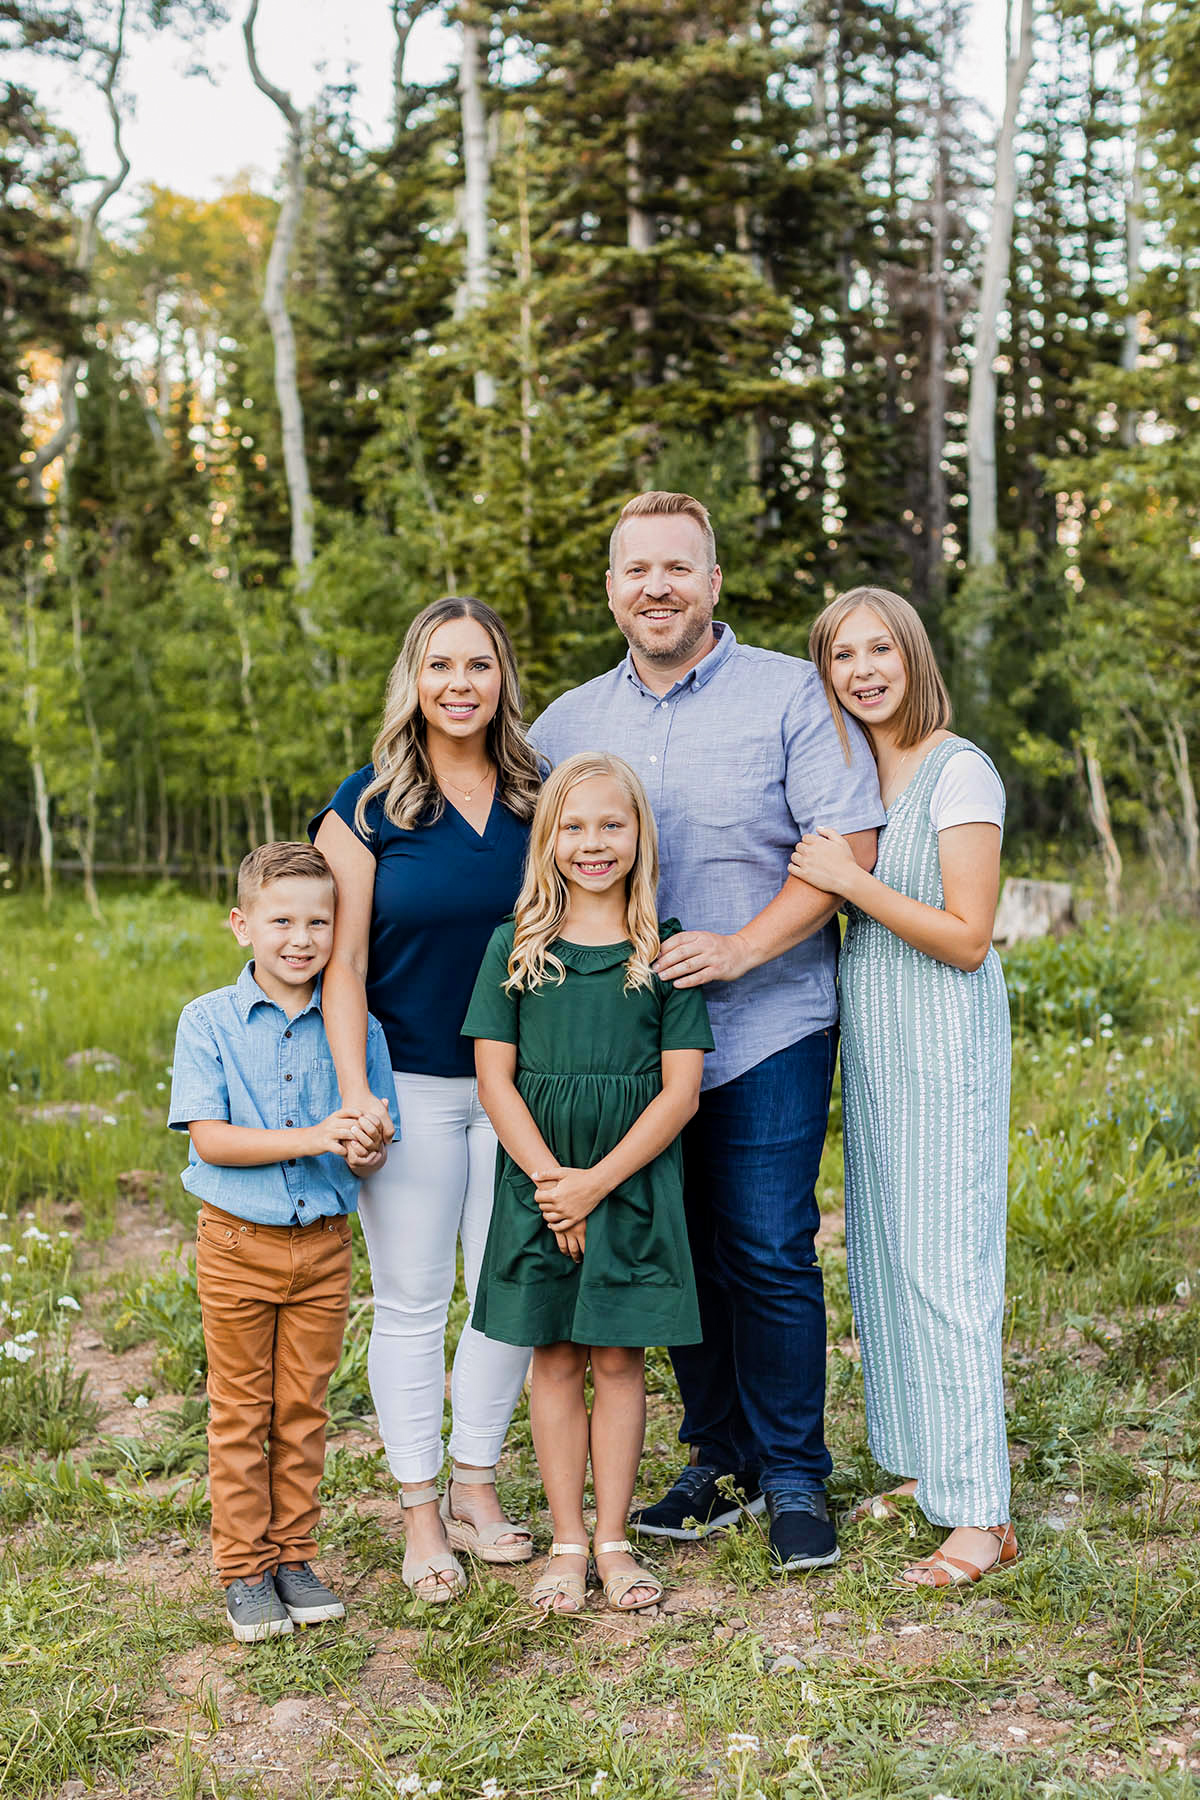 Utahfamilyphotographerutahfamilyphotos